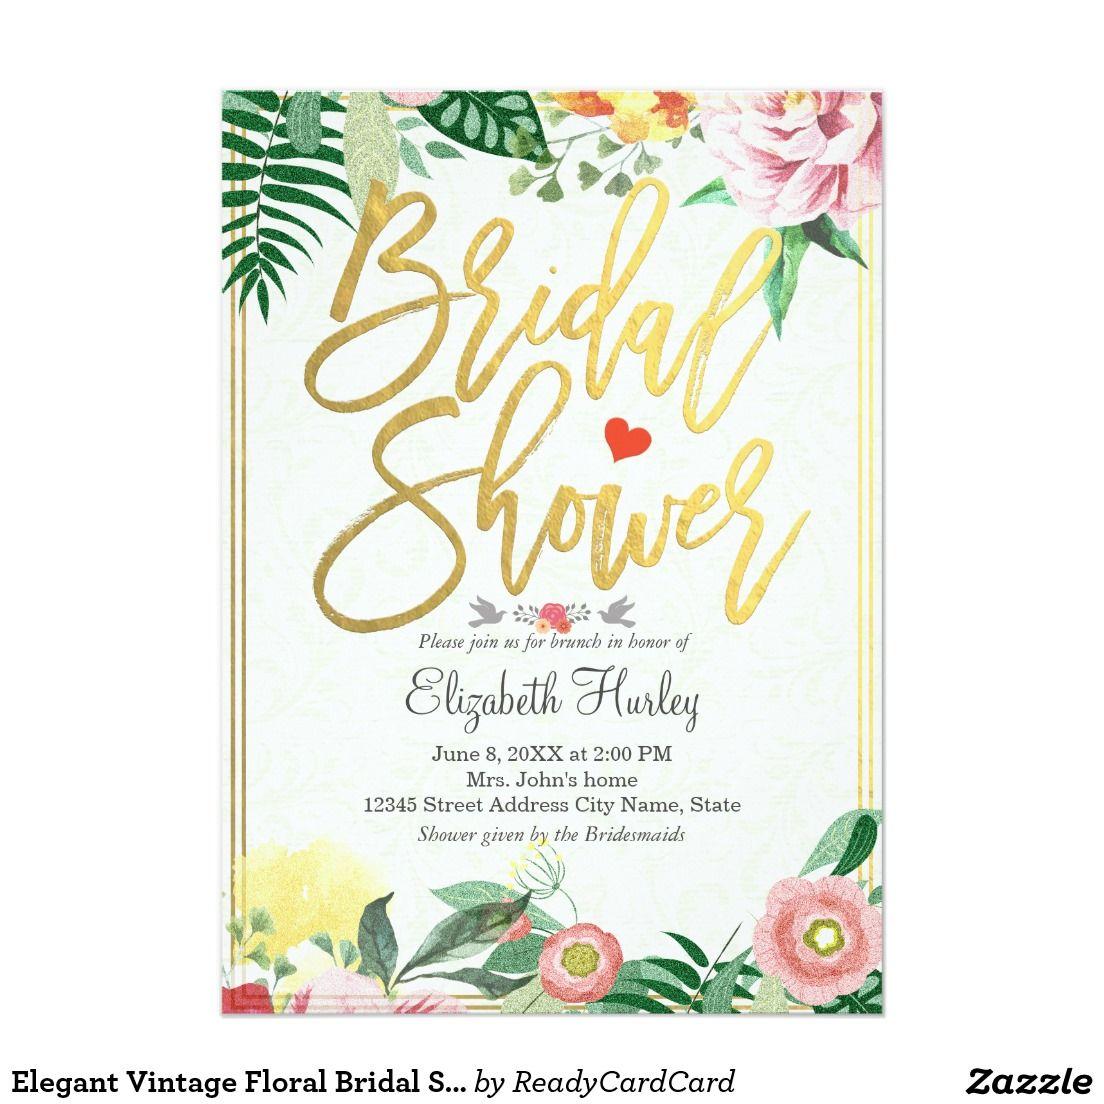 Elegant vintage floral bridal shower invitations bridal for Elegant bridal shower invitations